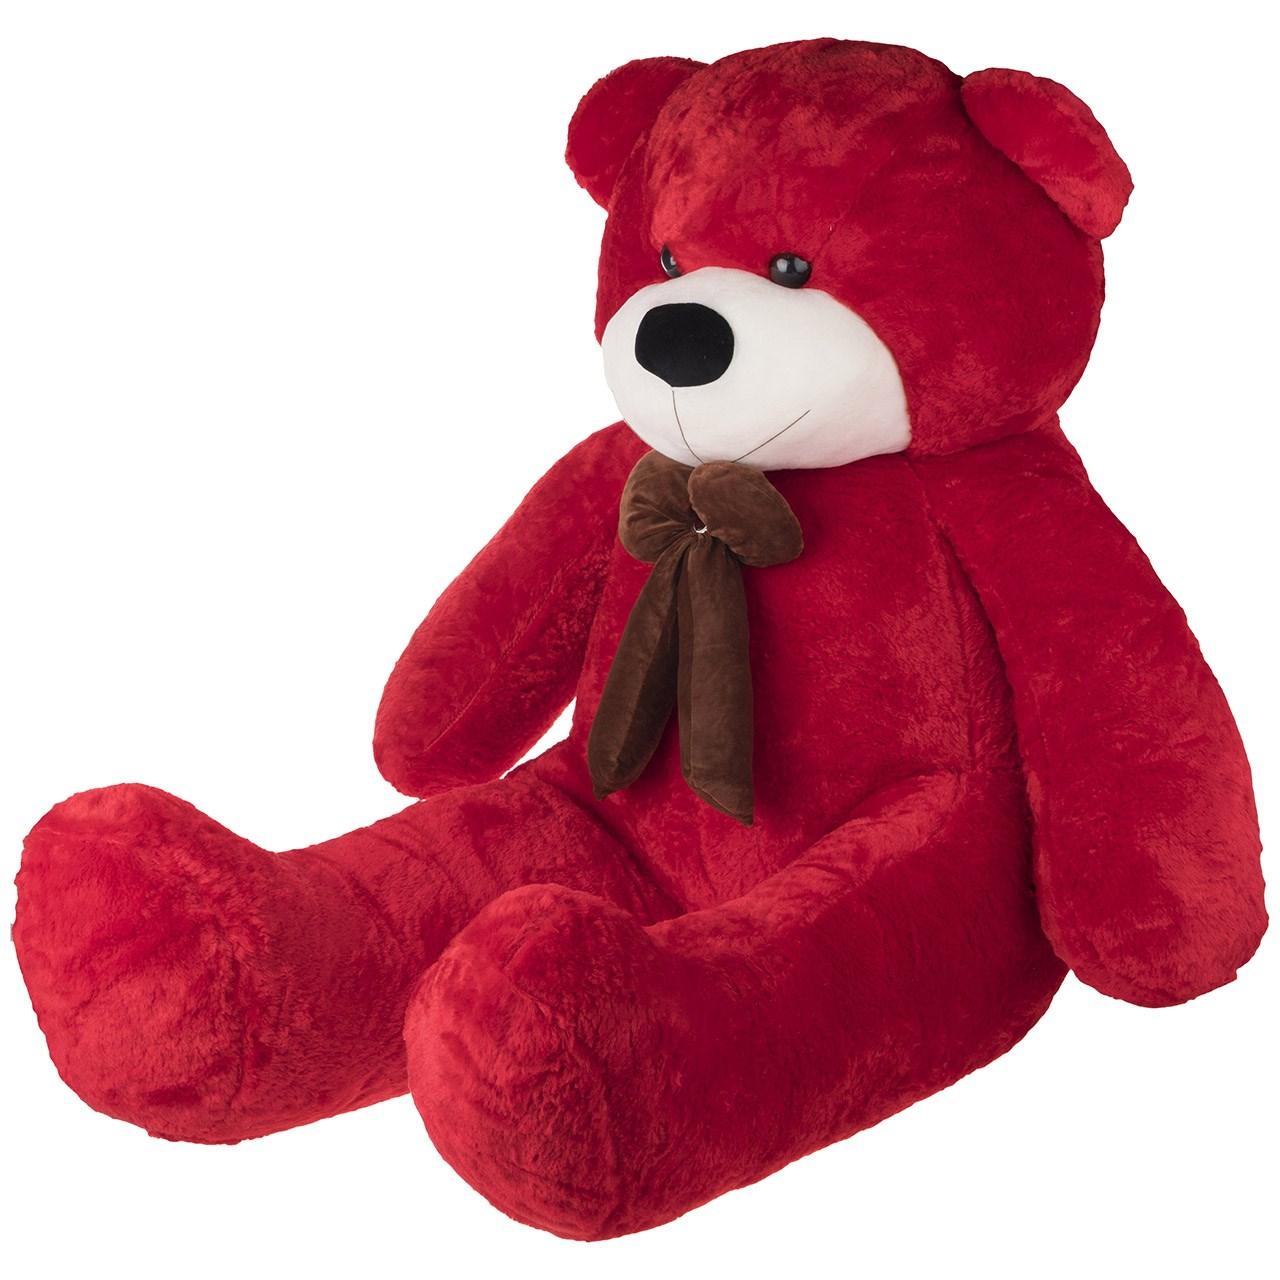 عروسک یاران مدل خرس پاپیون نگین دار ارتفاع 160 سانتی متر